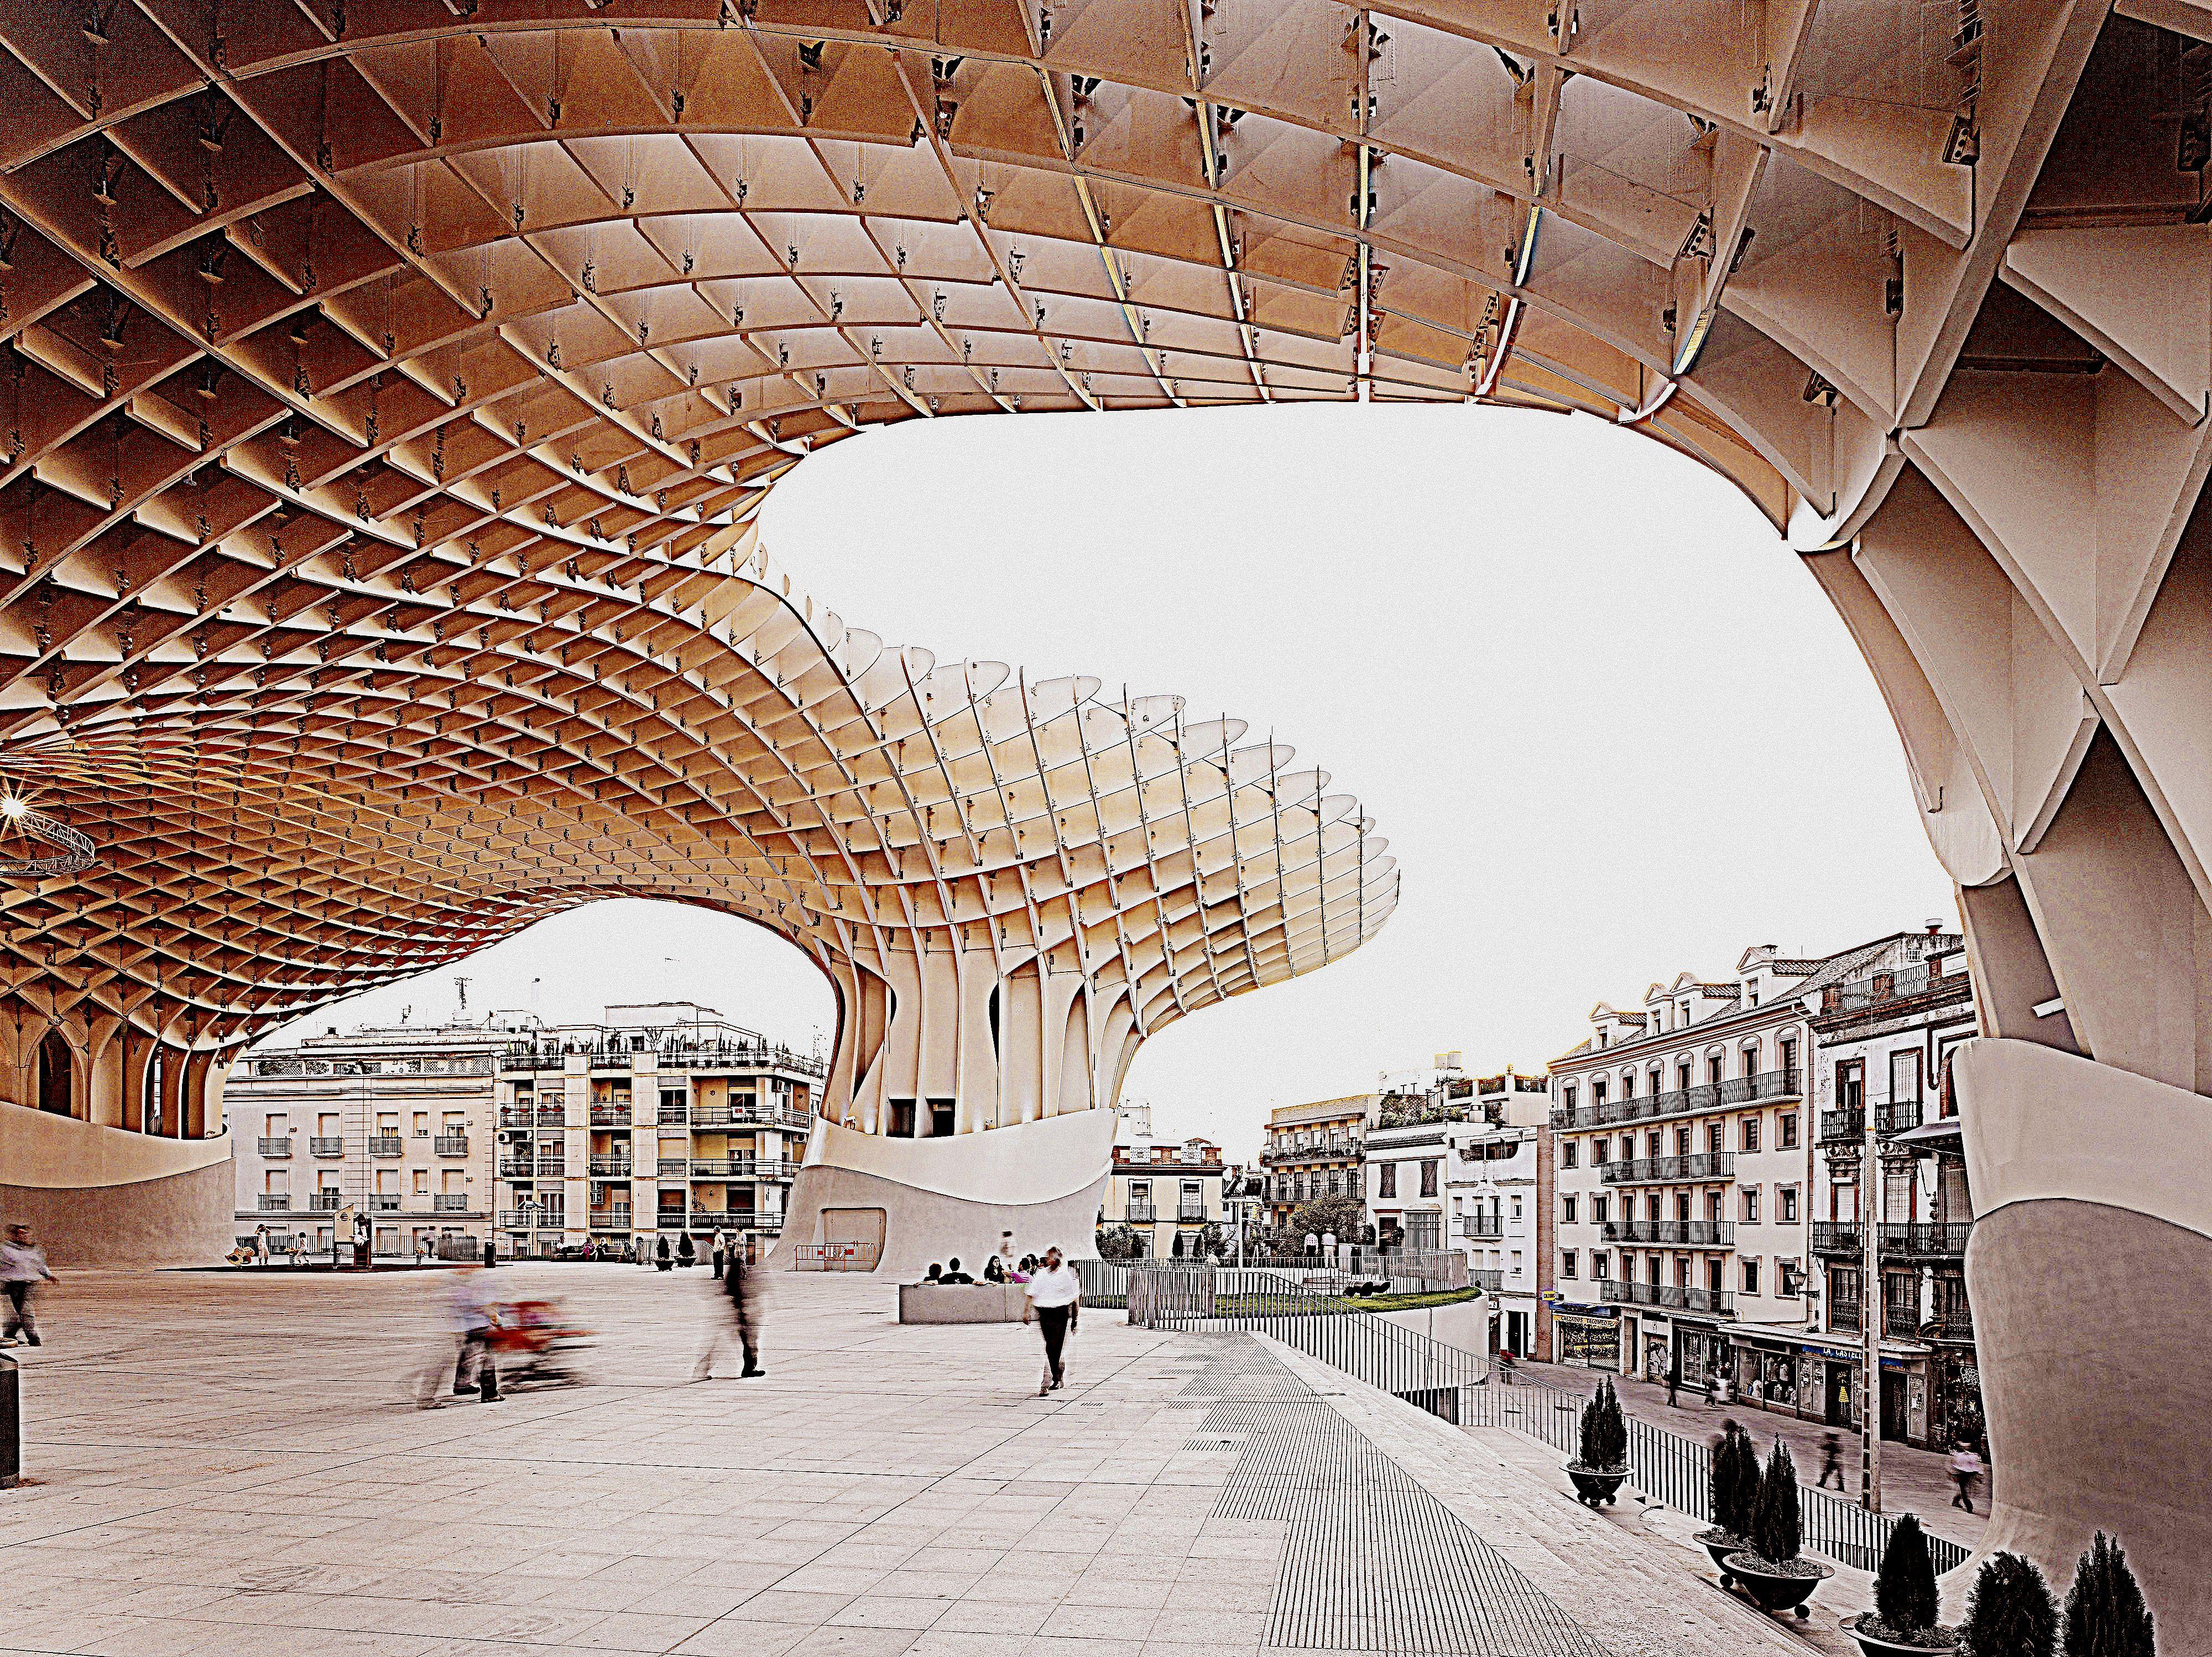 Metropol Parasol Architecture Pinterest Architecture # Muebles Ricaldi